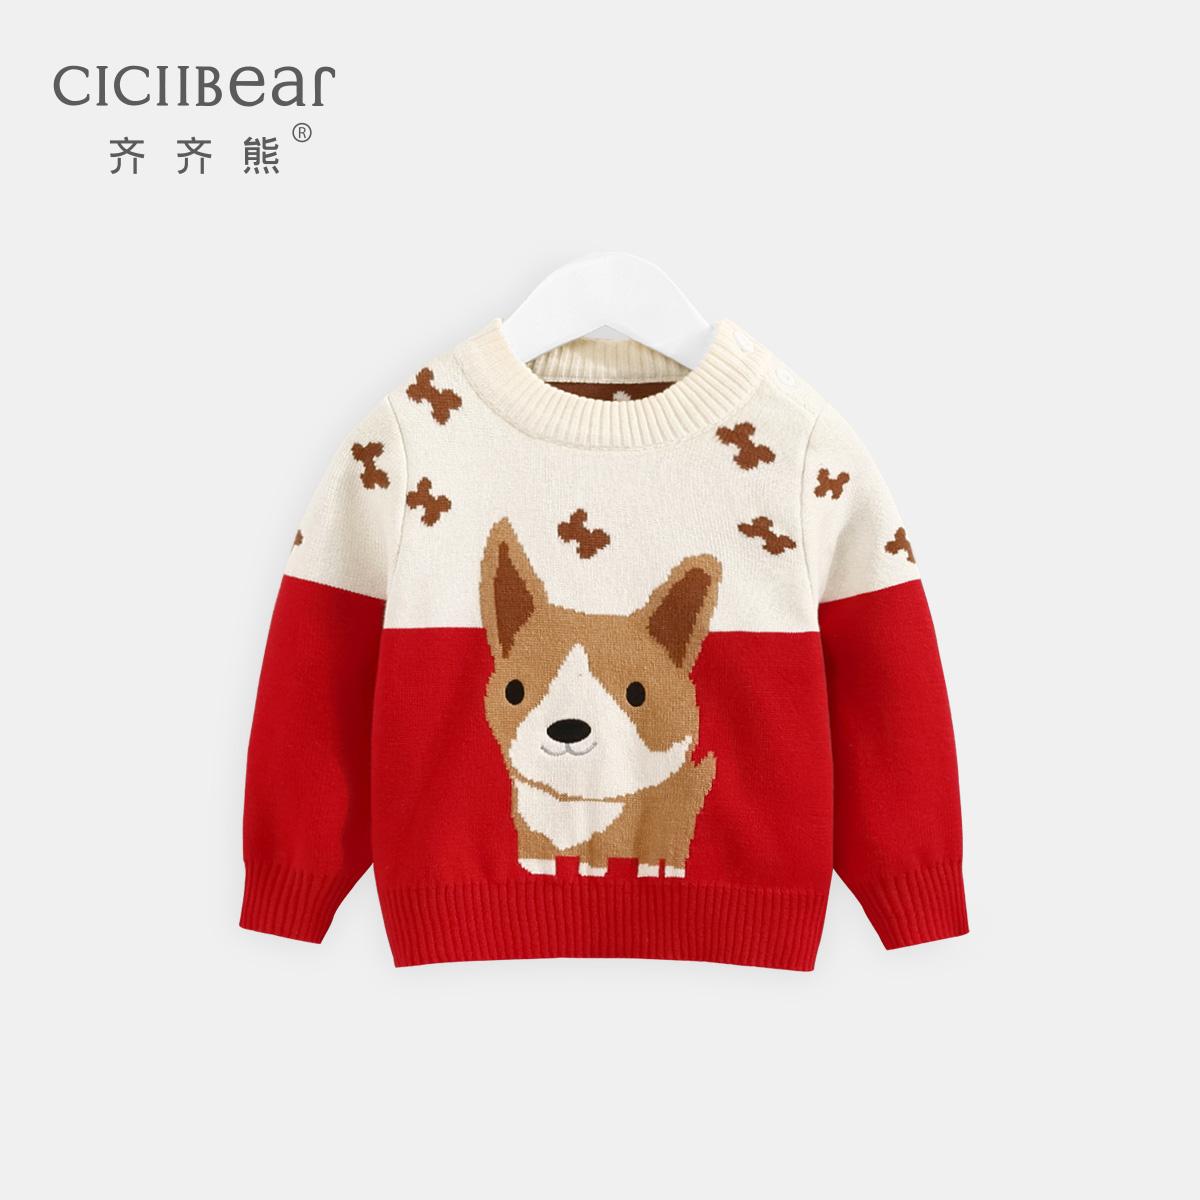 齐齐熊宝宝新年装冬款圆领套头毛衣男童女童加厚纯棉针织衫毛线衣图片